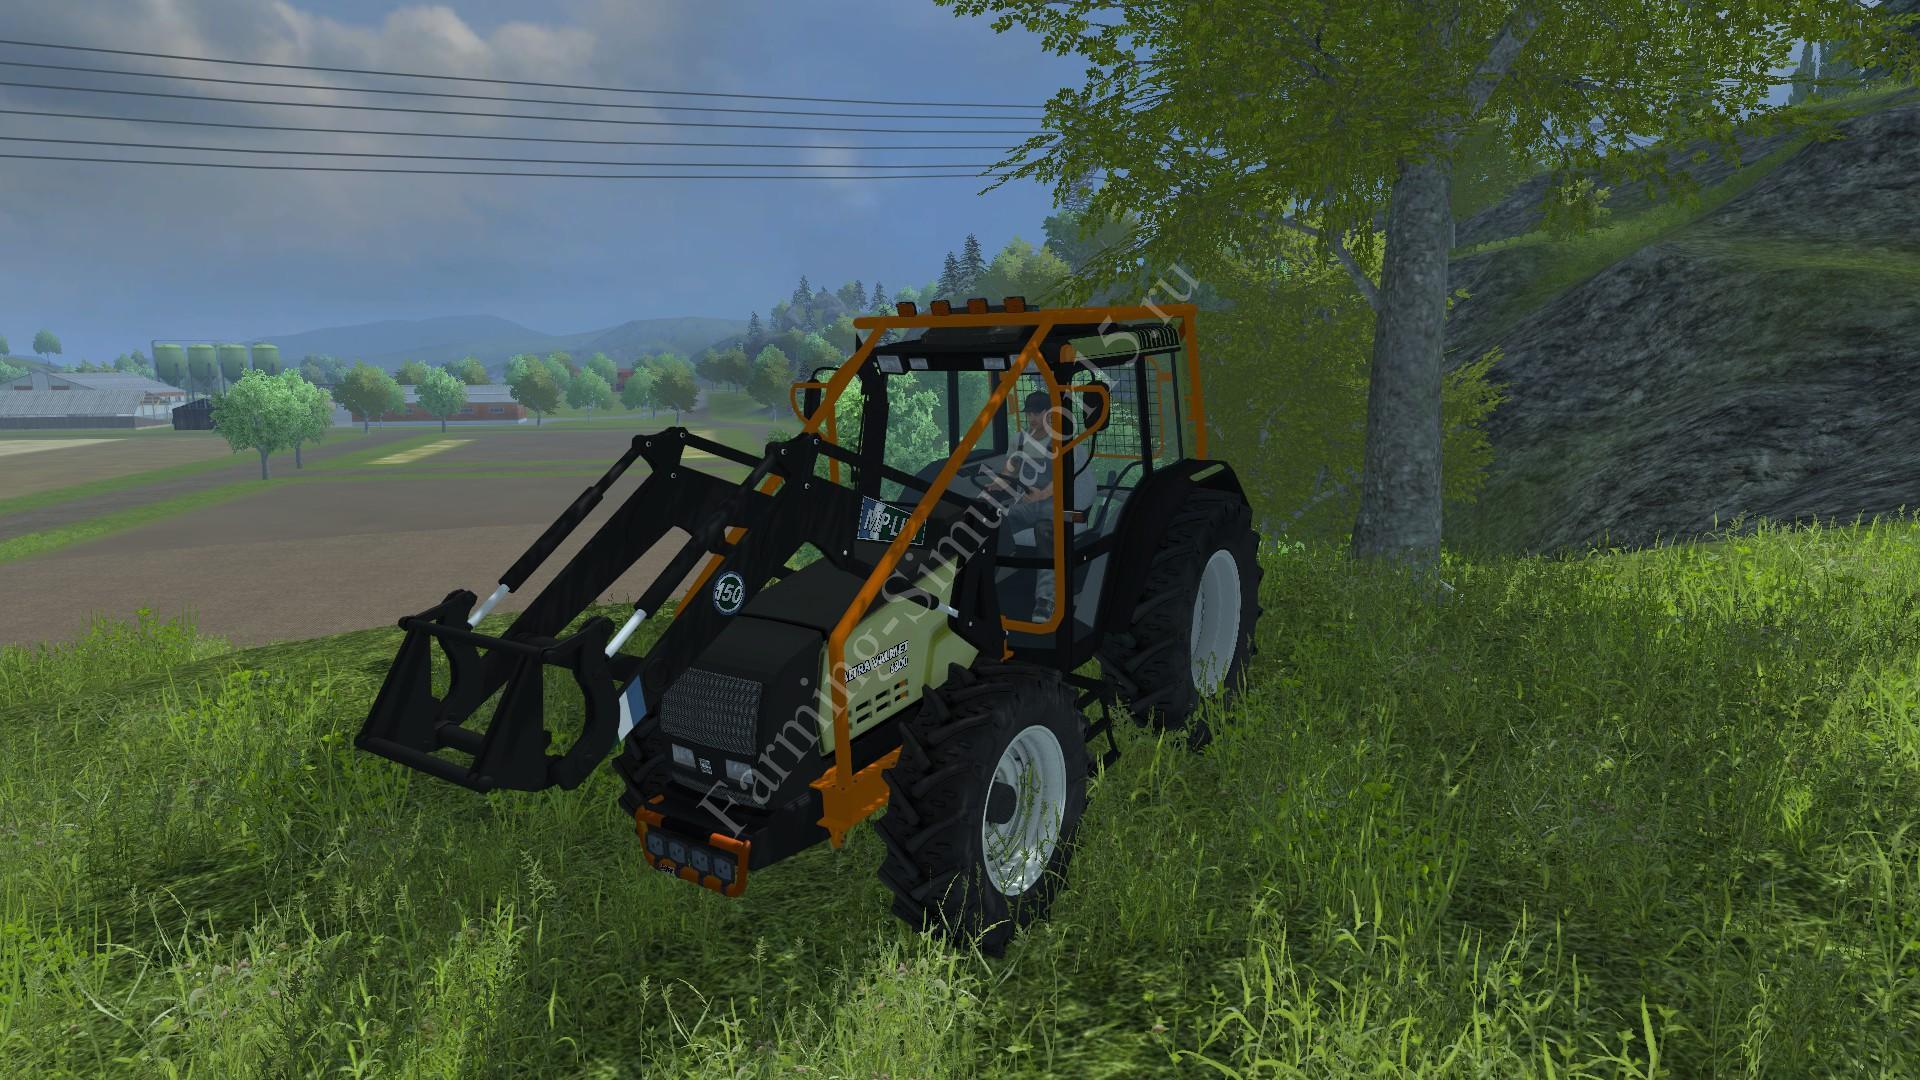 Мод трактора Valtra 6800 FL Forestry v 1.0 Farming Simulator 2013, Farming Simulator 13